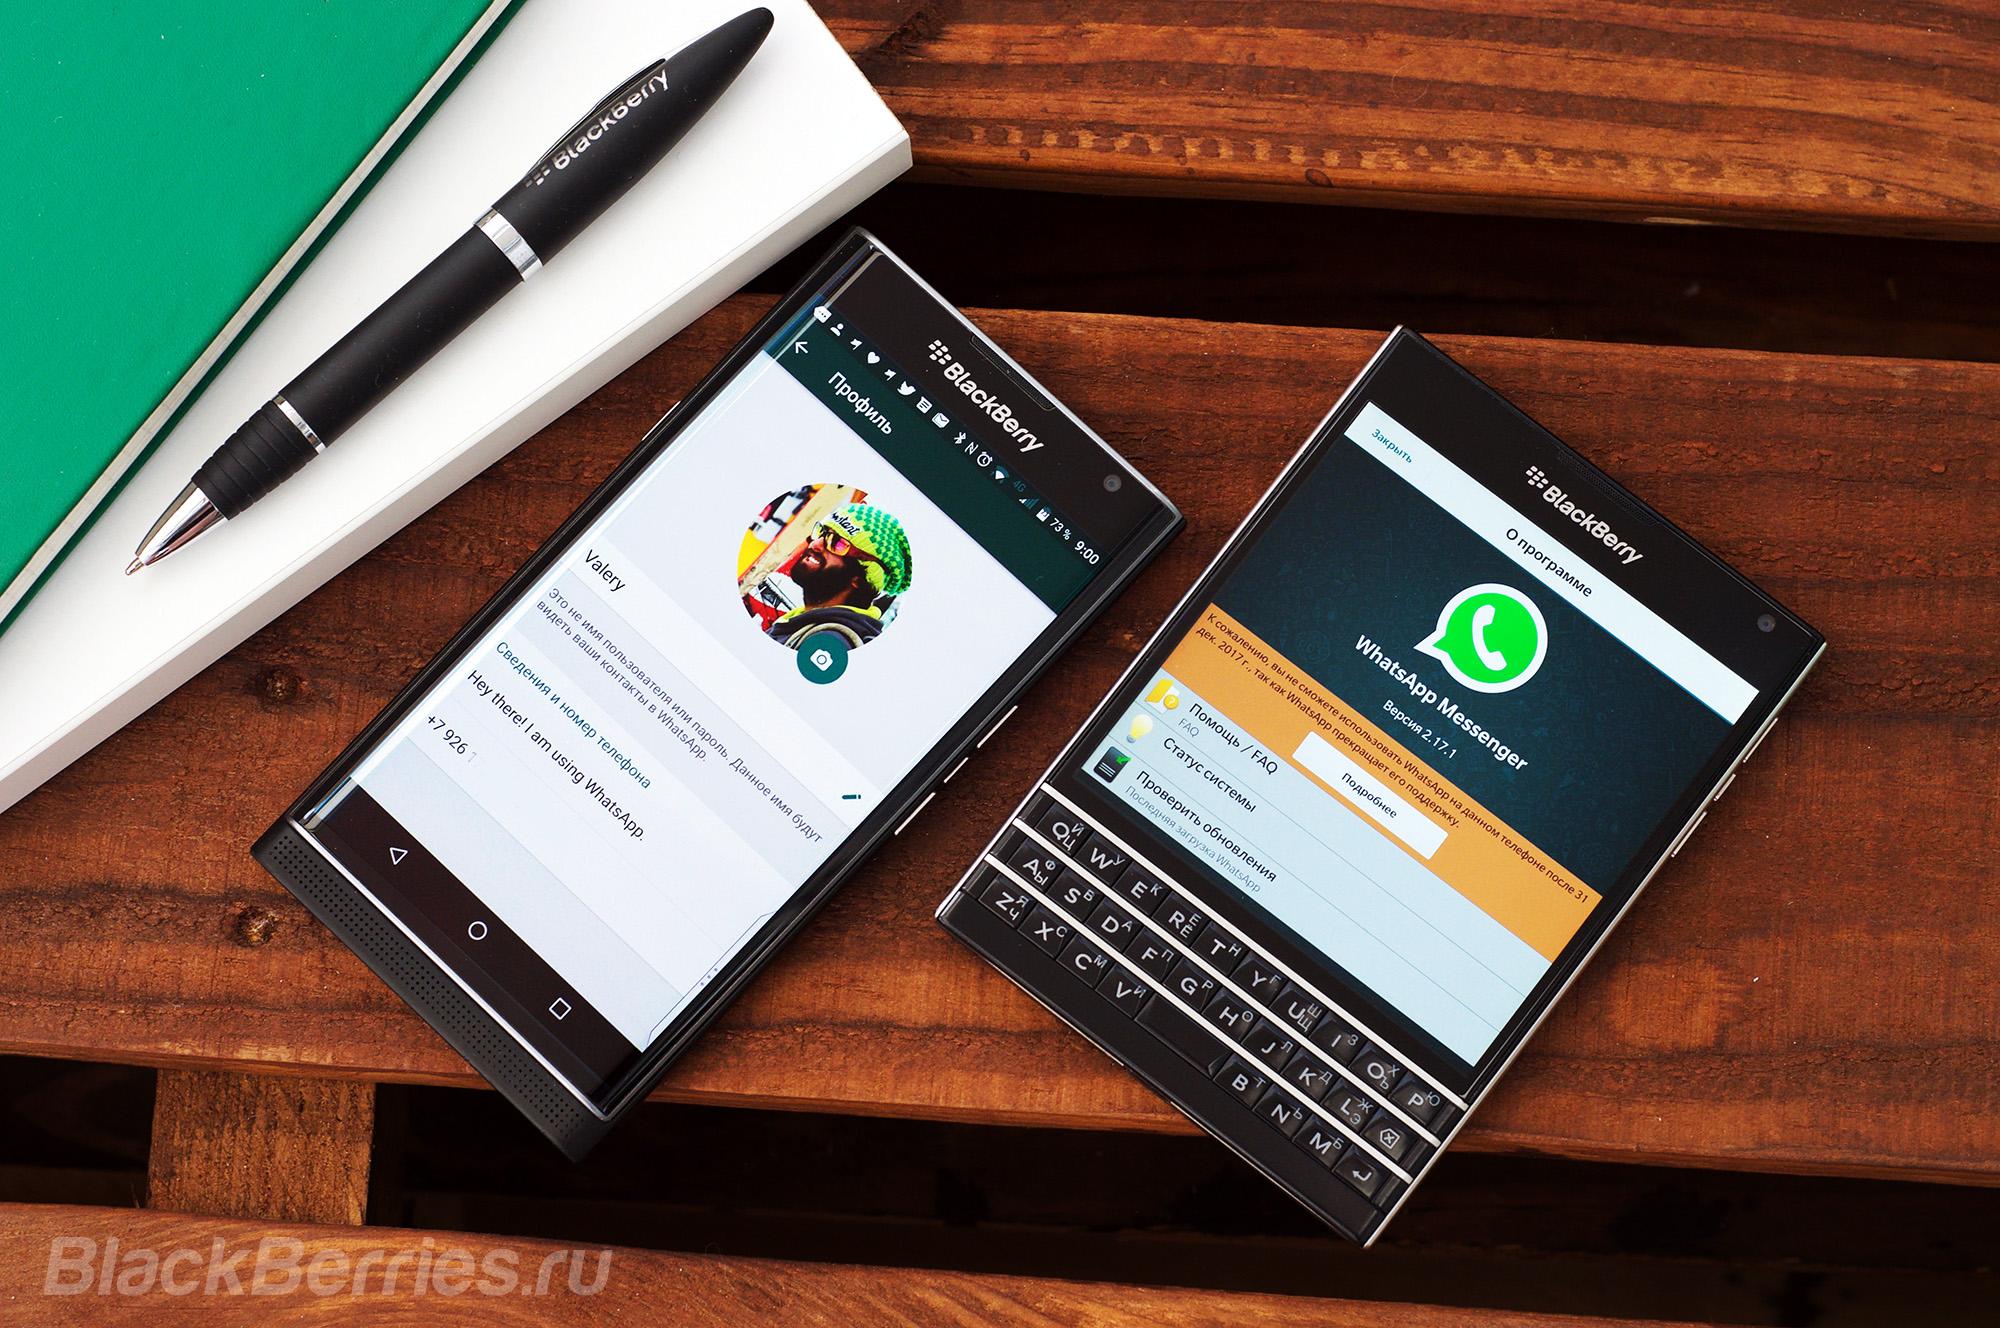 nieuwe versie whatsapp downloaden blackberry